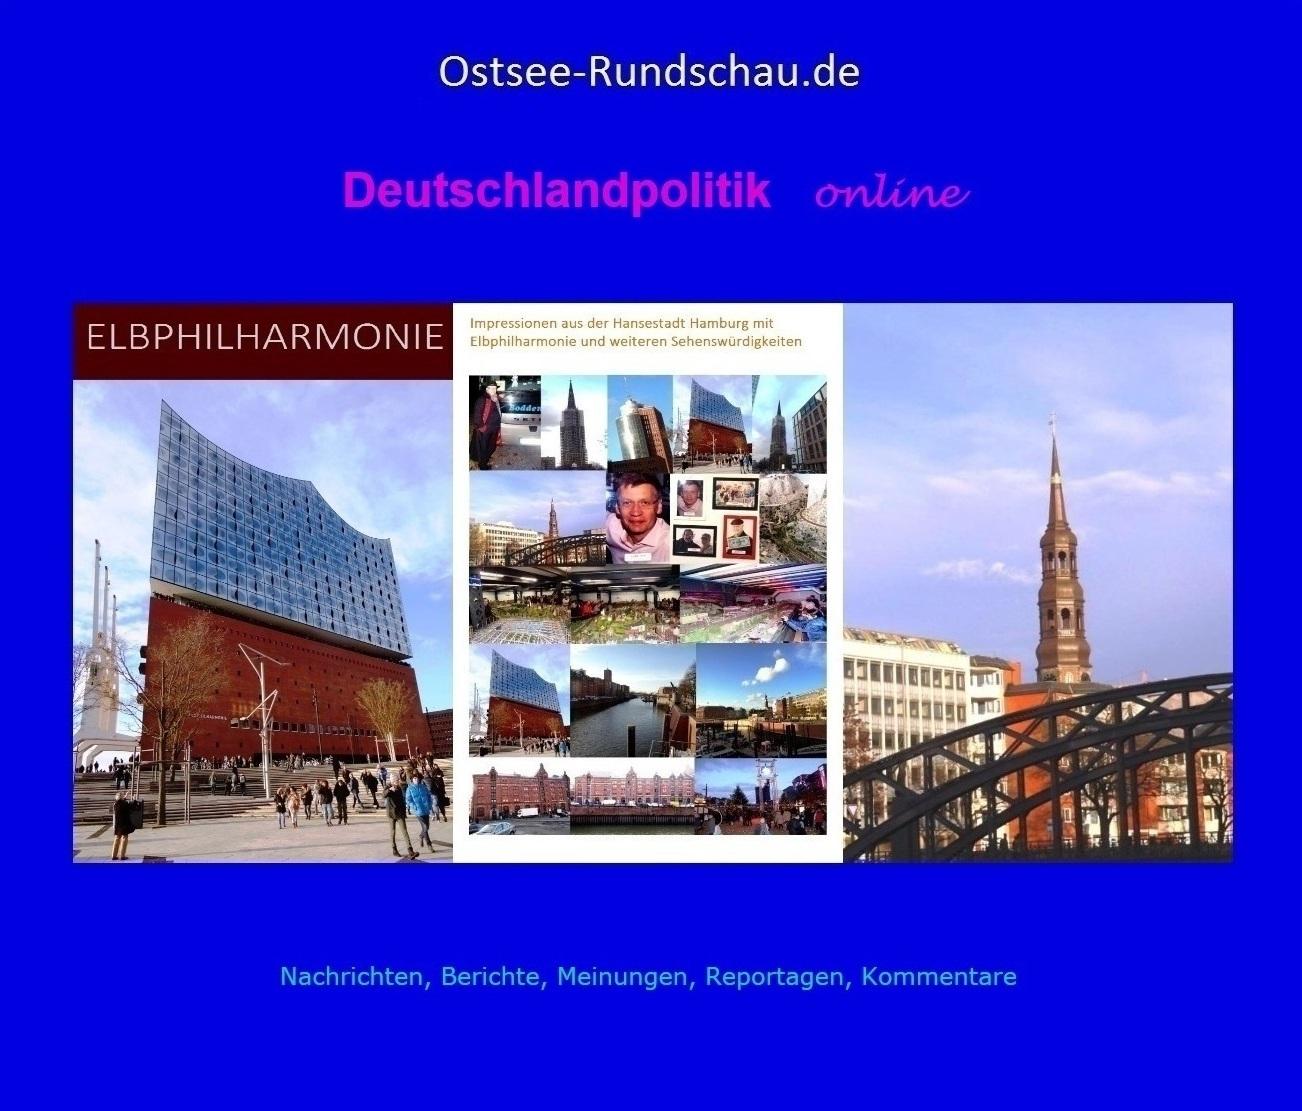 Deutschlandpolitik online der Neuen Unabhängigen Onlinezeitungen (NUOZ) Ostsee-Rundschau.de